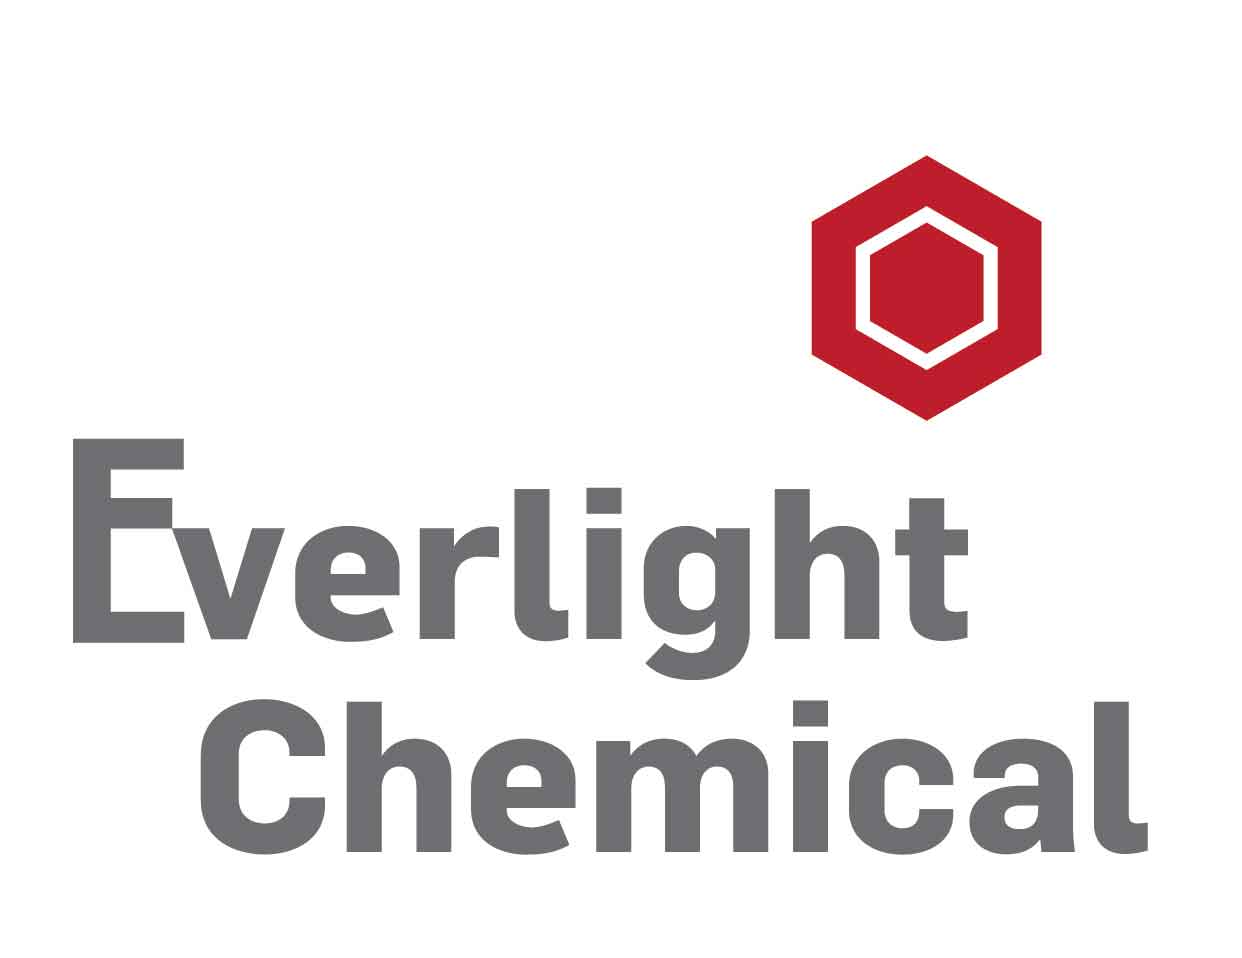 Everlight